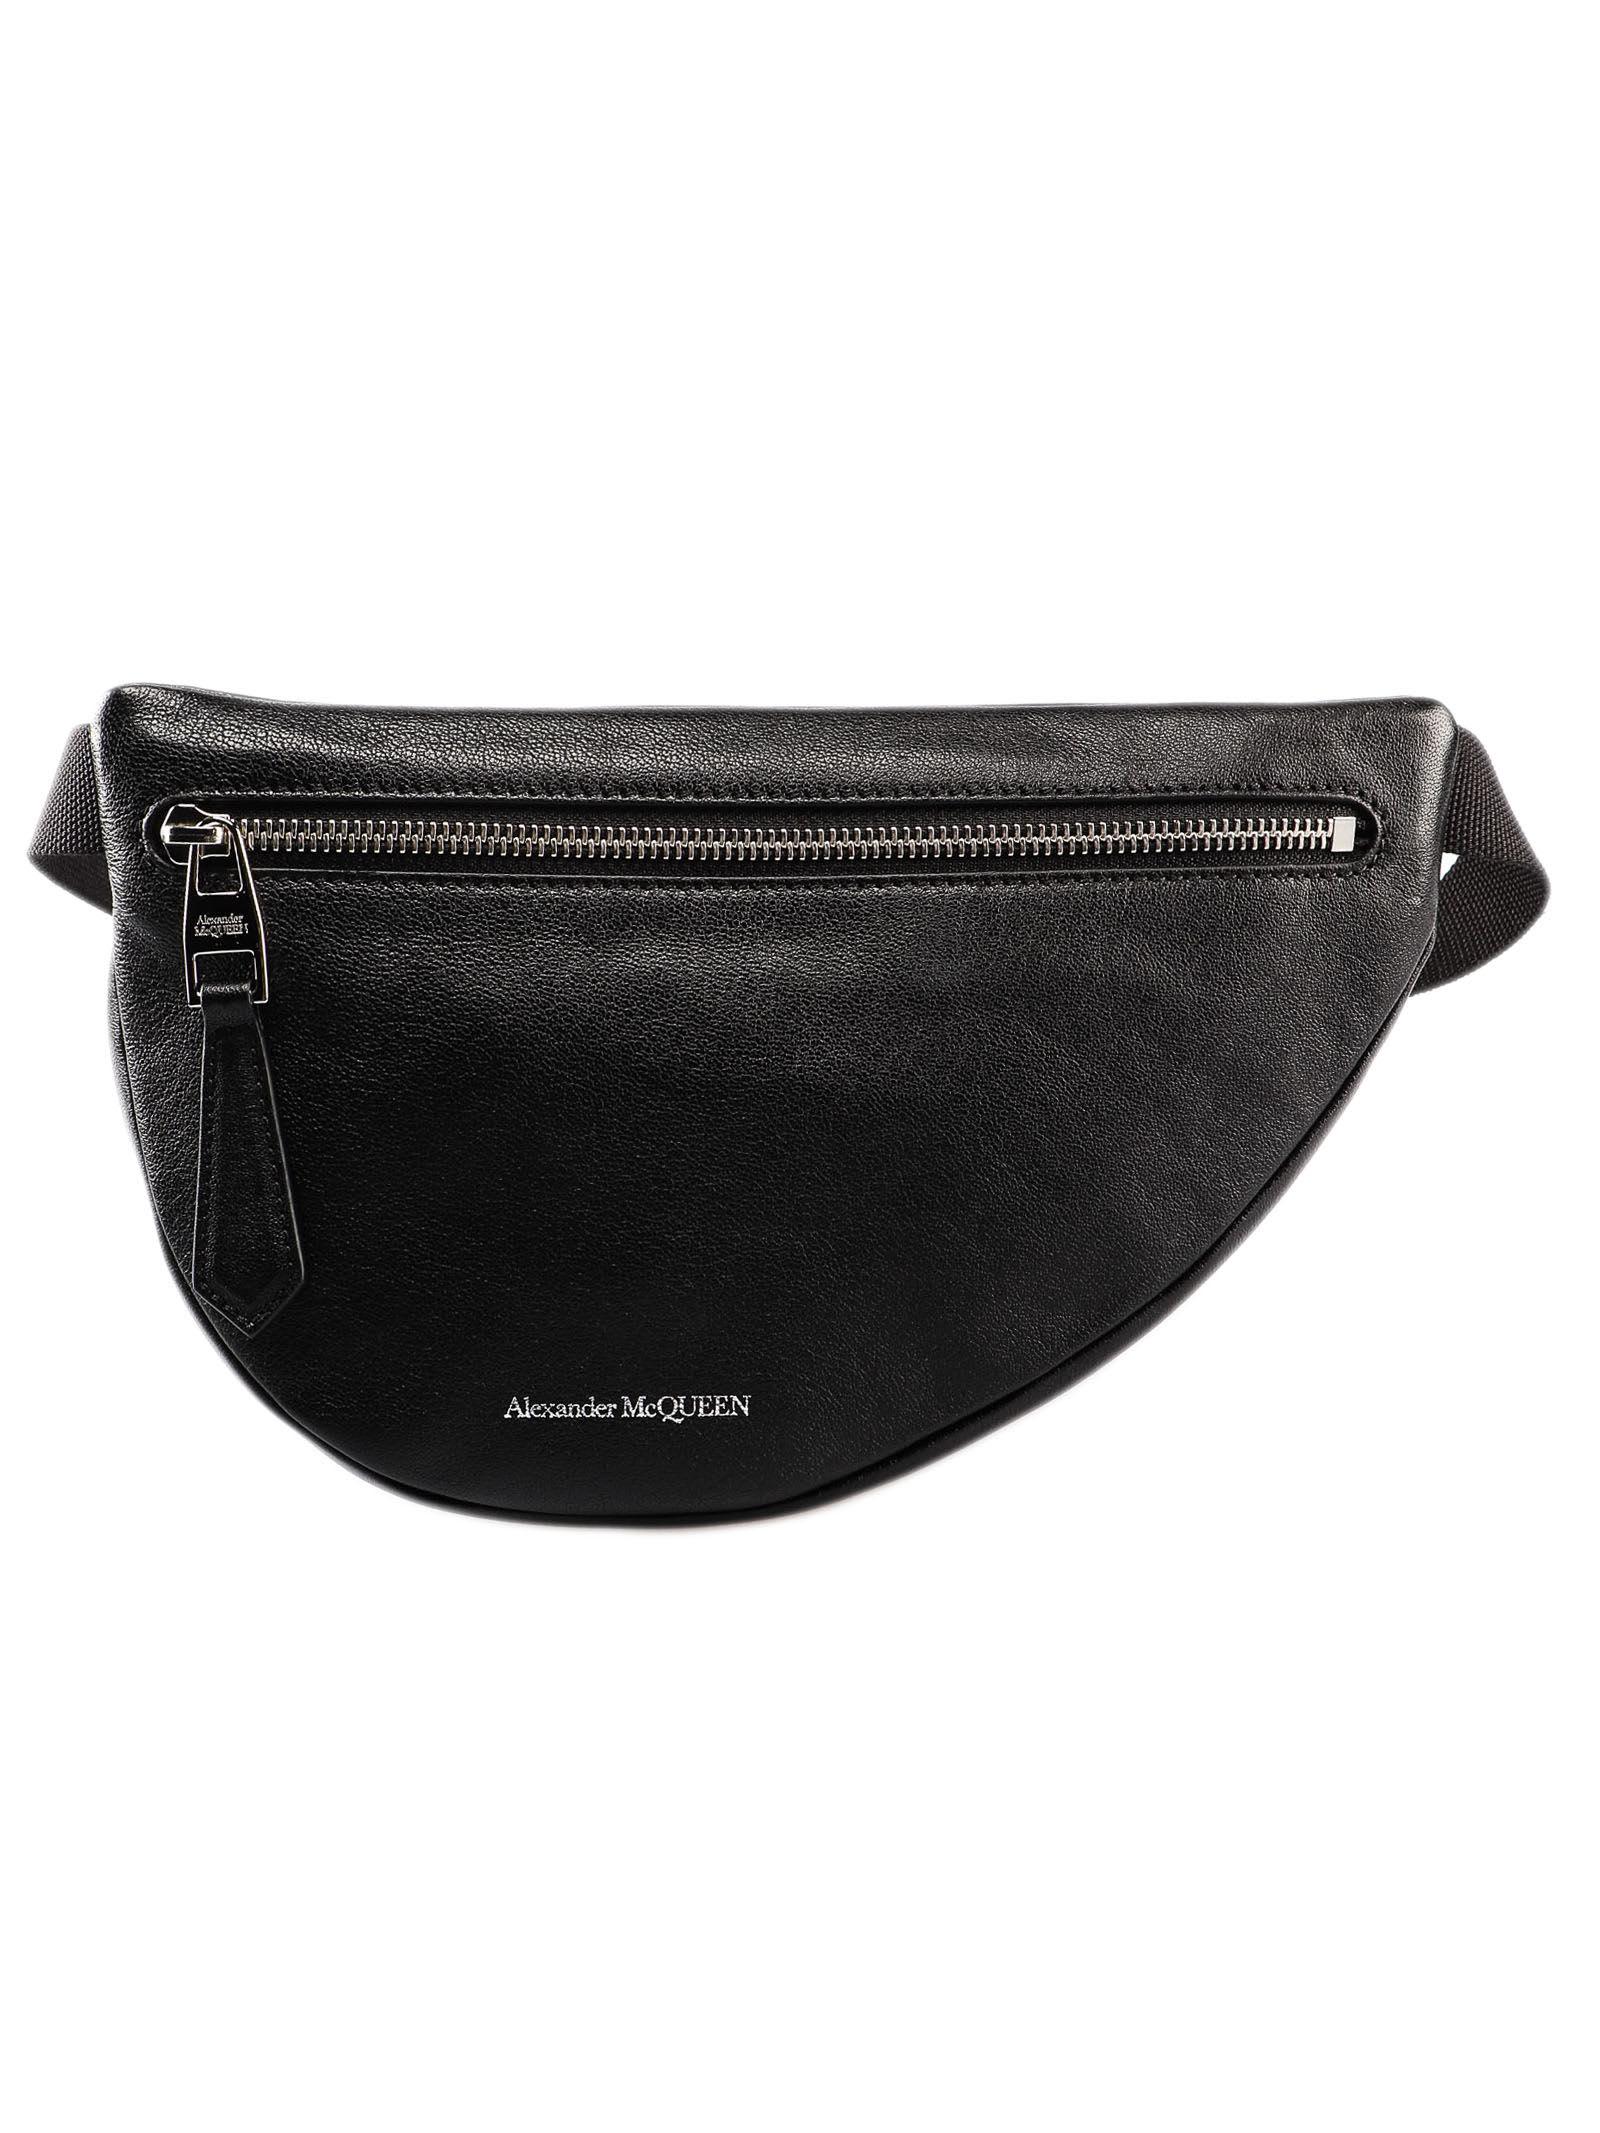 0f3f5e3d Alexander McQueen Alexander McQueen Logo Belt Bag - Black - 10954507 ...